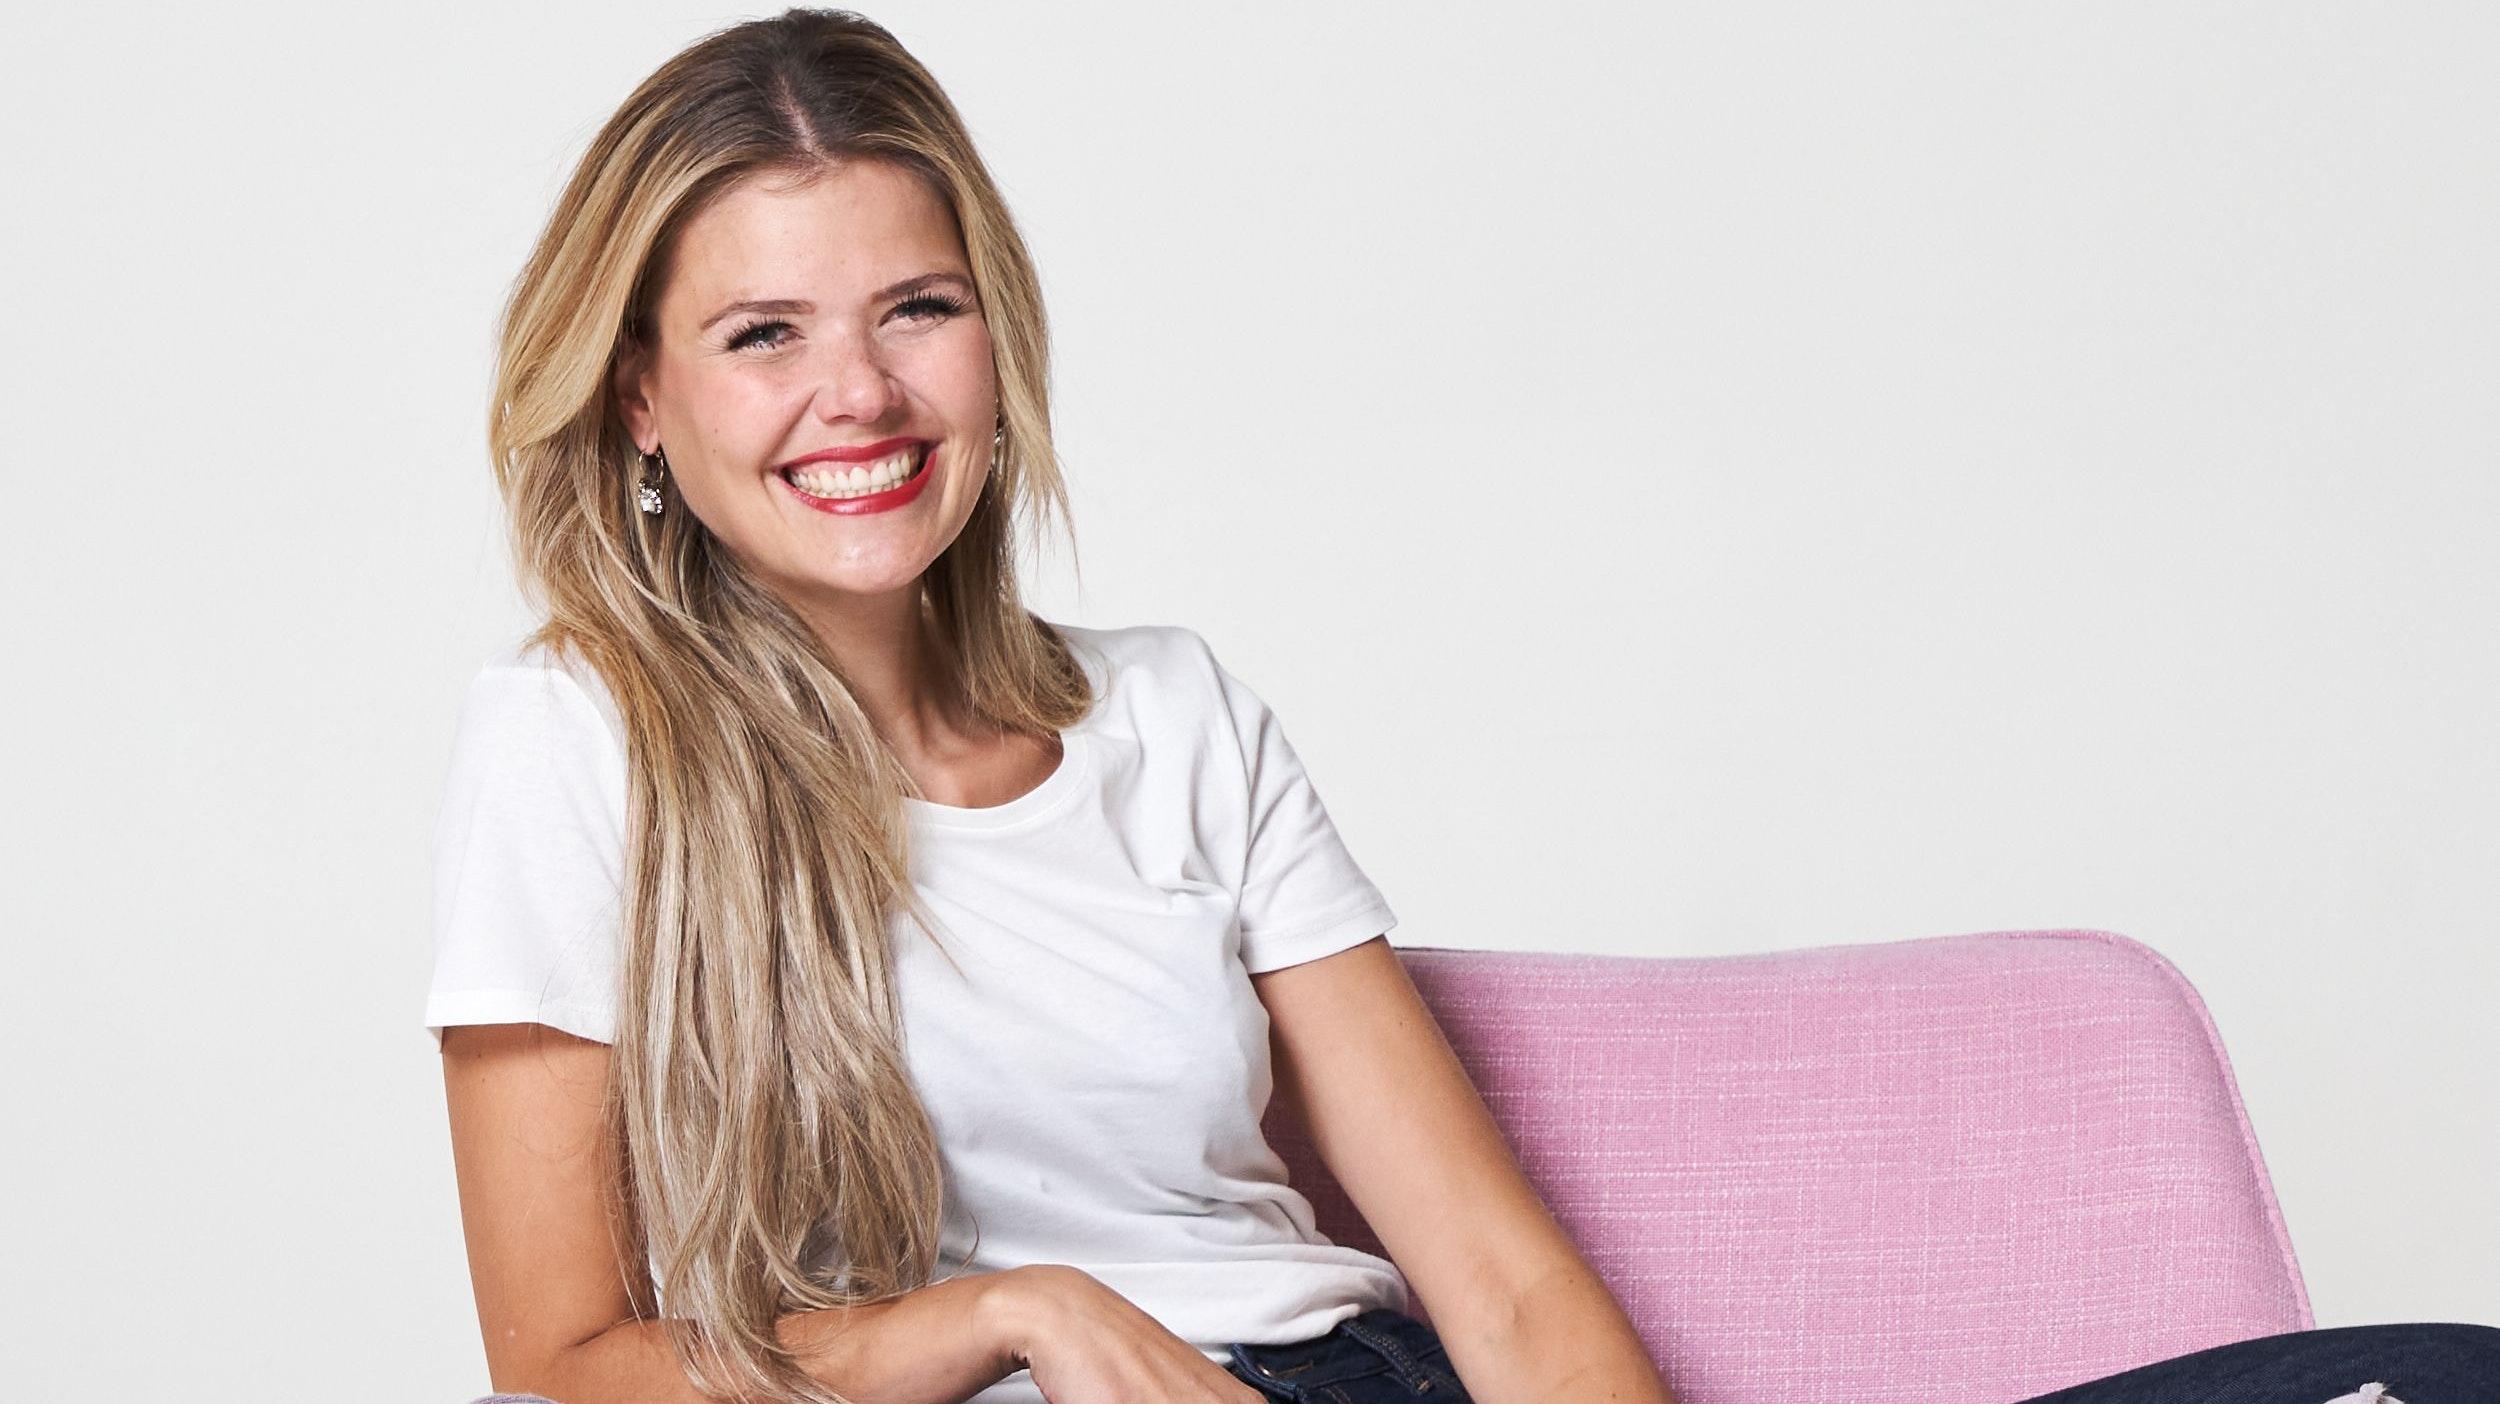 """Will Menschen mit ihrer Fröhlichkeit inspirieren: Kristin Kruthaup, die in der Steinfelder Bauerschaft Harpendorf aufwuchs, nimmt am """"Miss Germany 2021""""-Wettbewerb teil. Foto: Tobias Dick"""